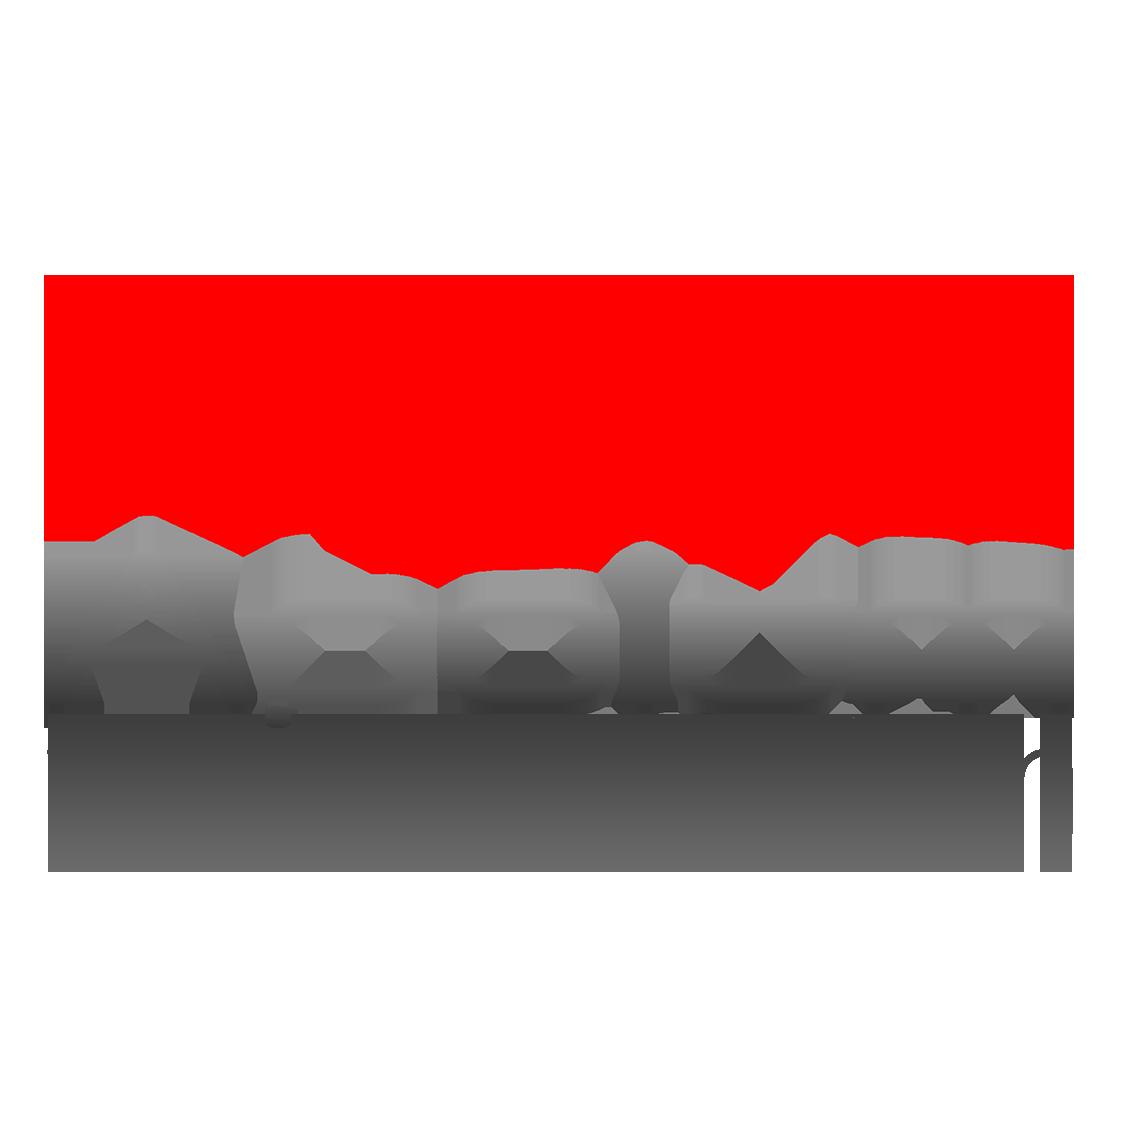 Apolum